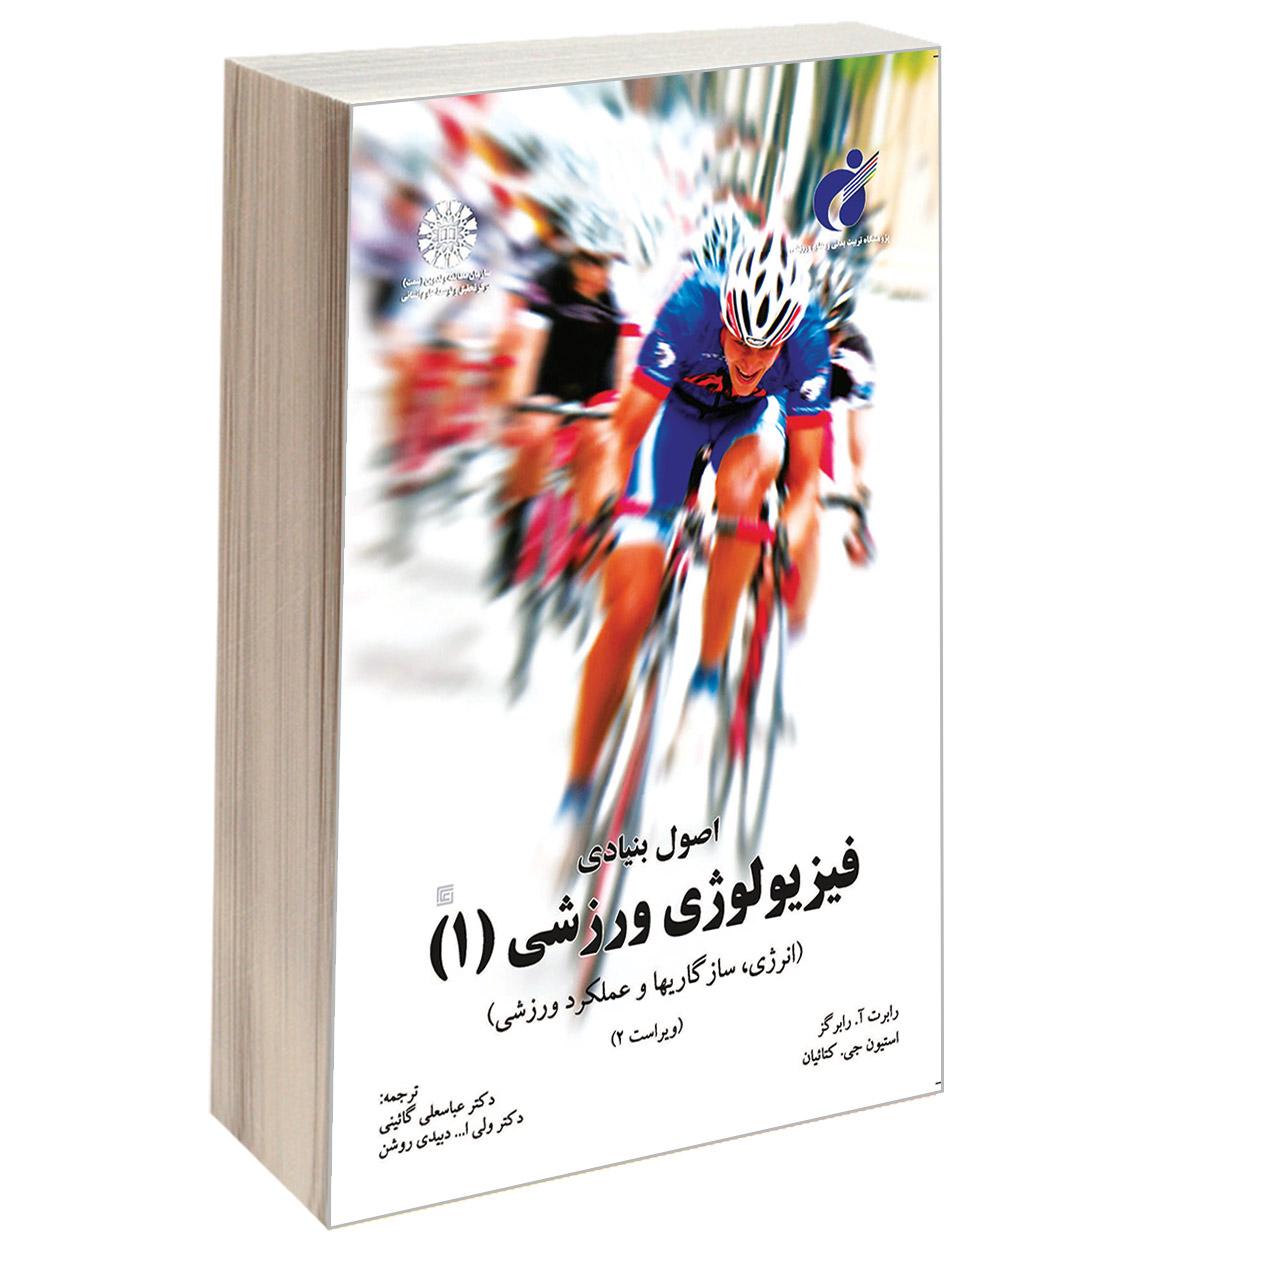 خرید                      کتاب اصول بنیادی فیزیولوژی ورزشی 1 اثر رابرت آ. رابر گز و استیون جی. کتائیان نشر سمت